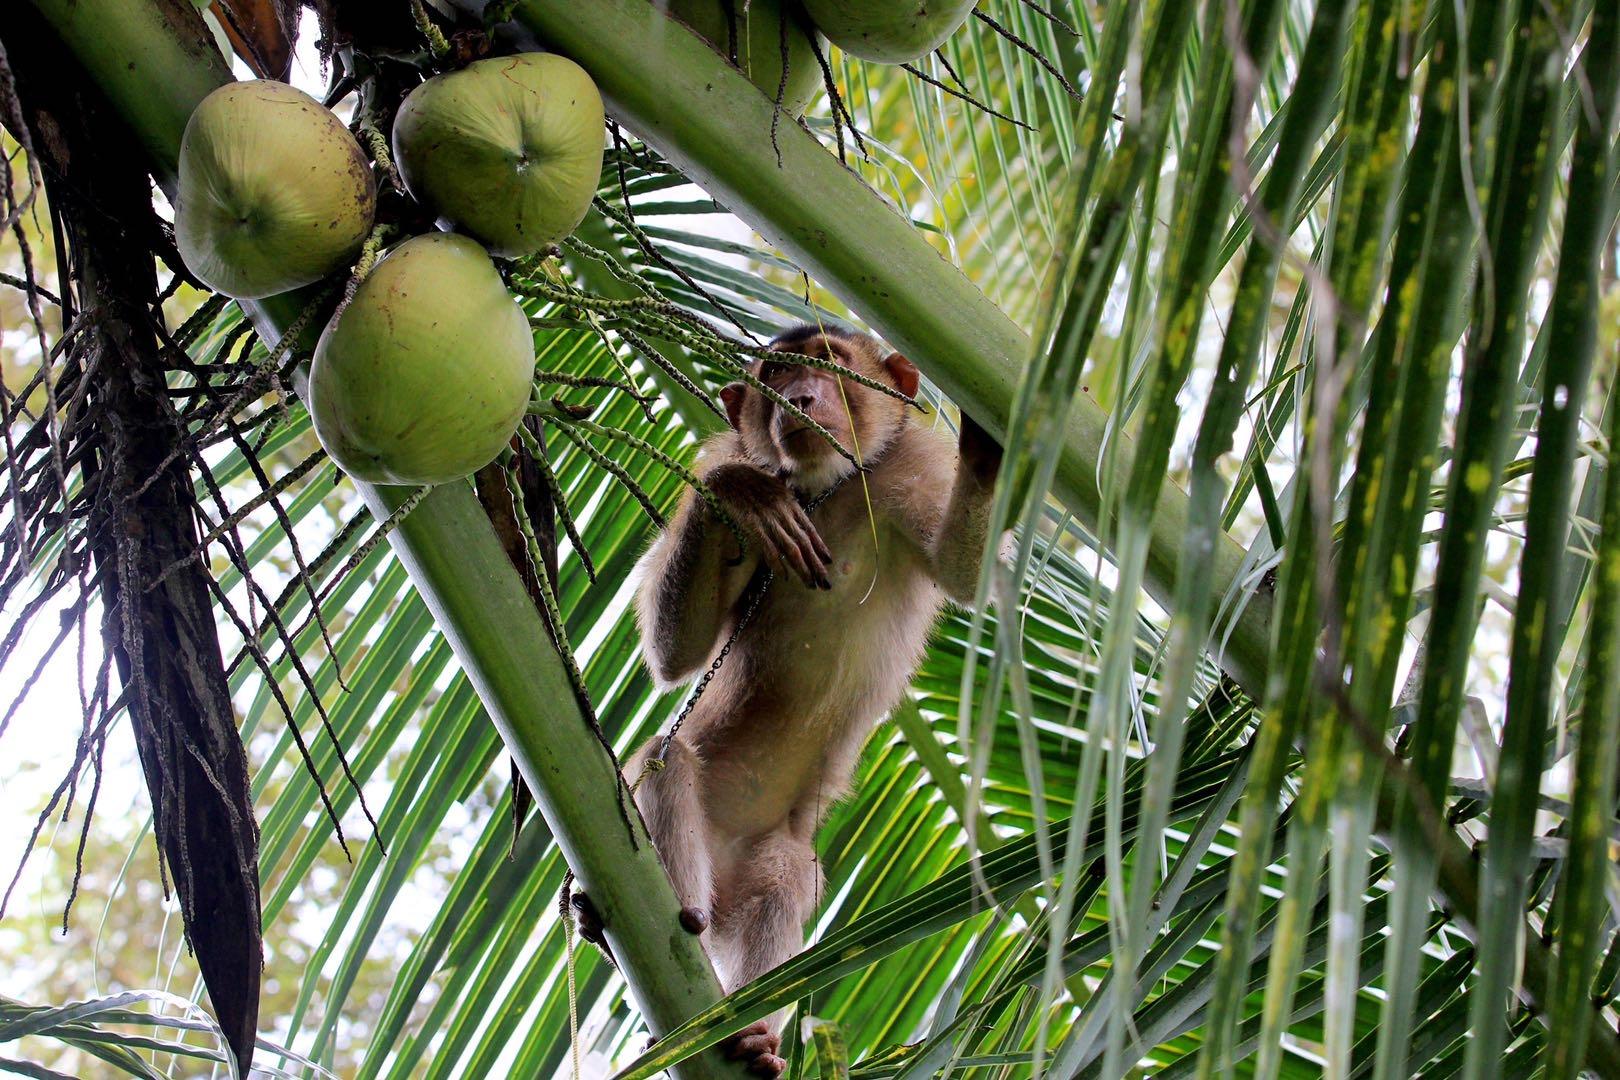 指控泰国农民让猴摘椰子是奴役动物:是人道,还是霸凌?